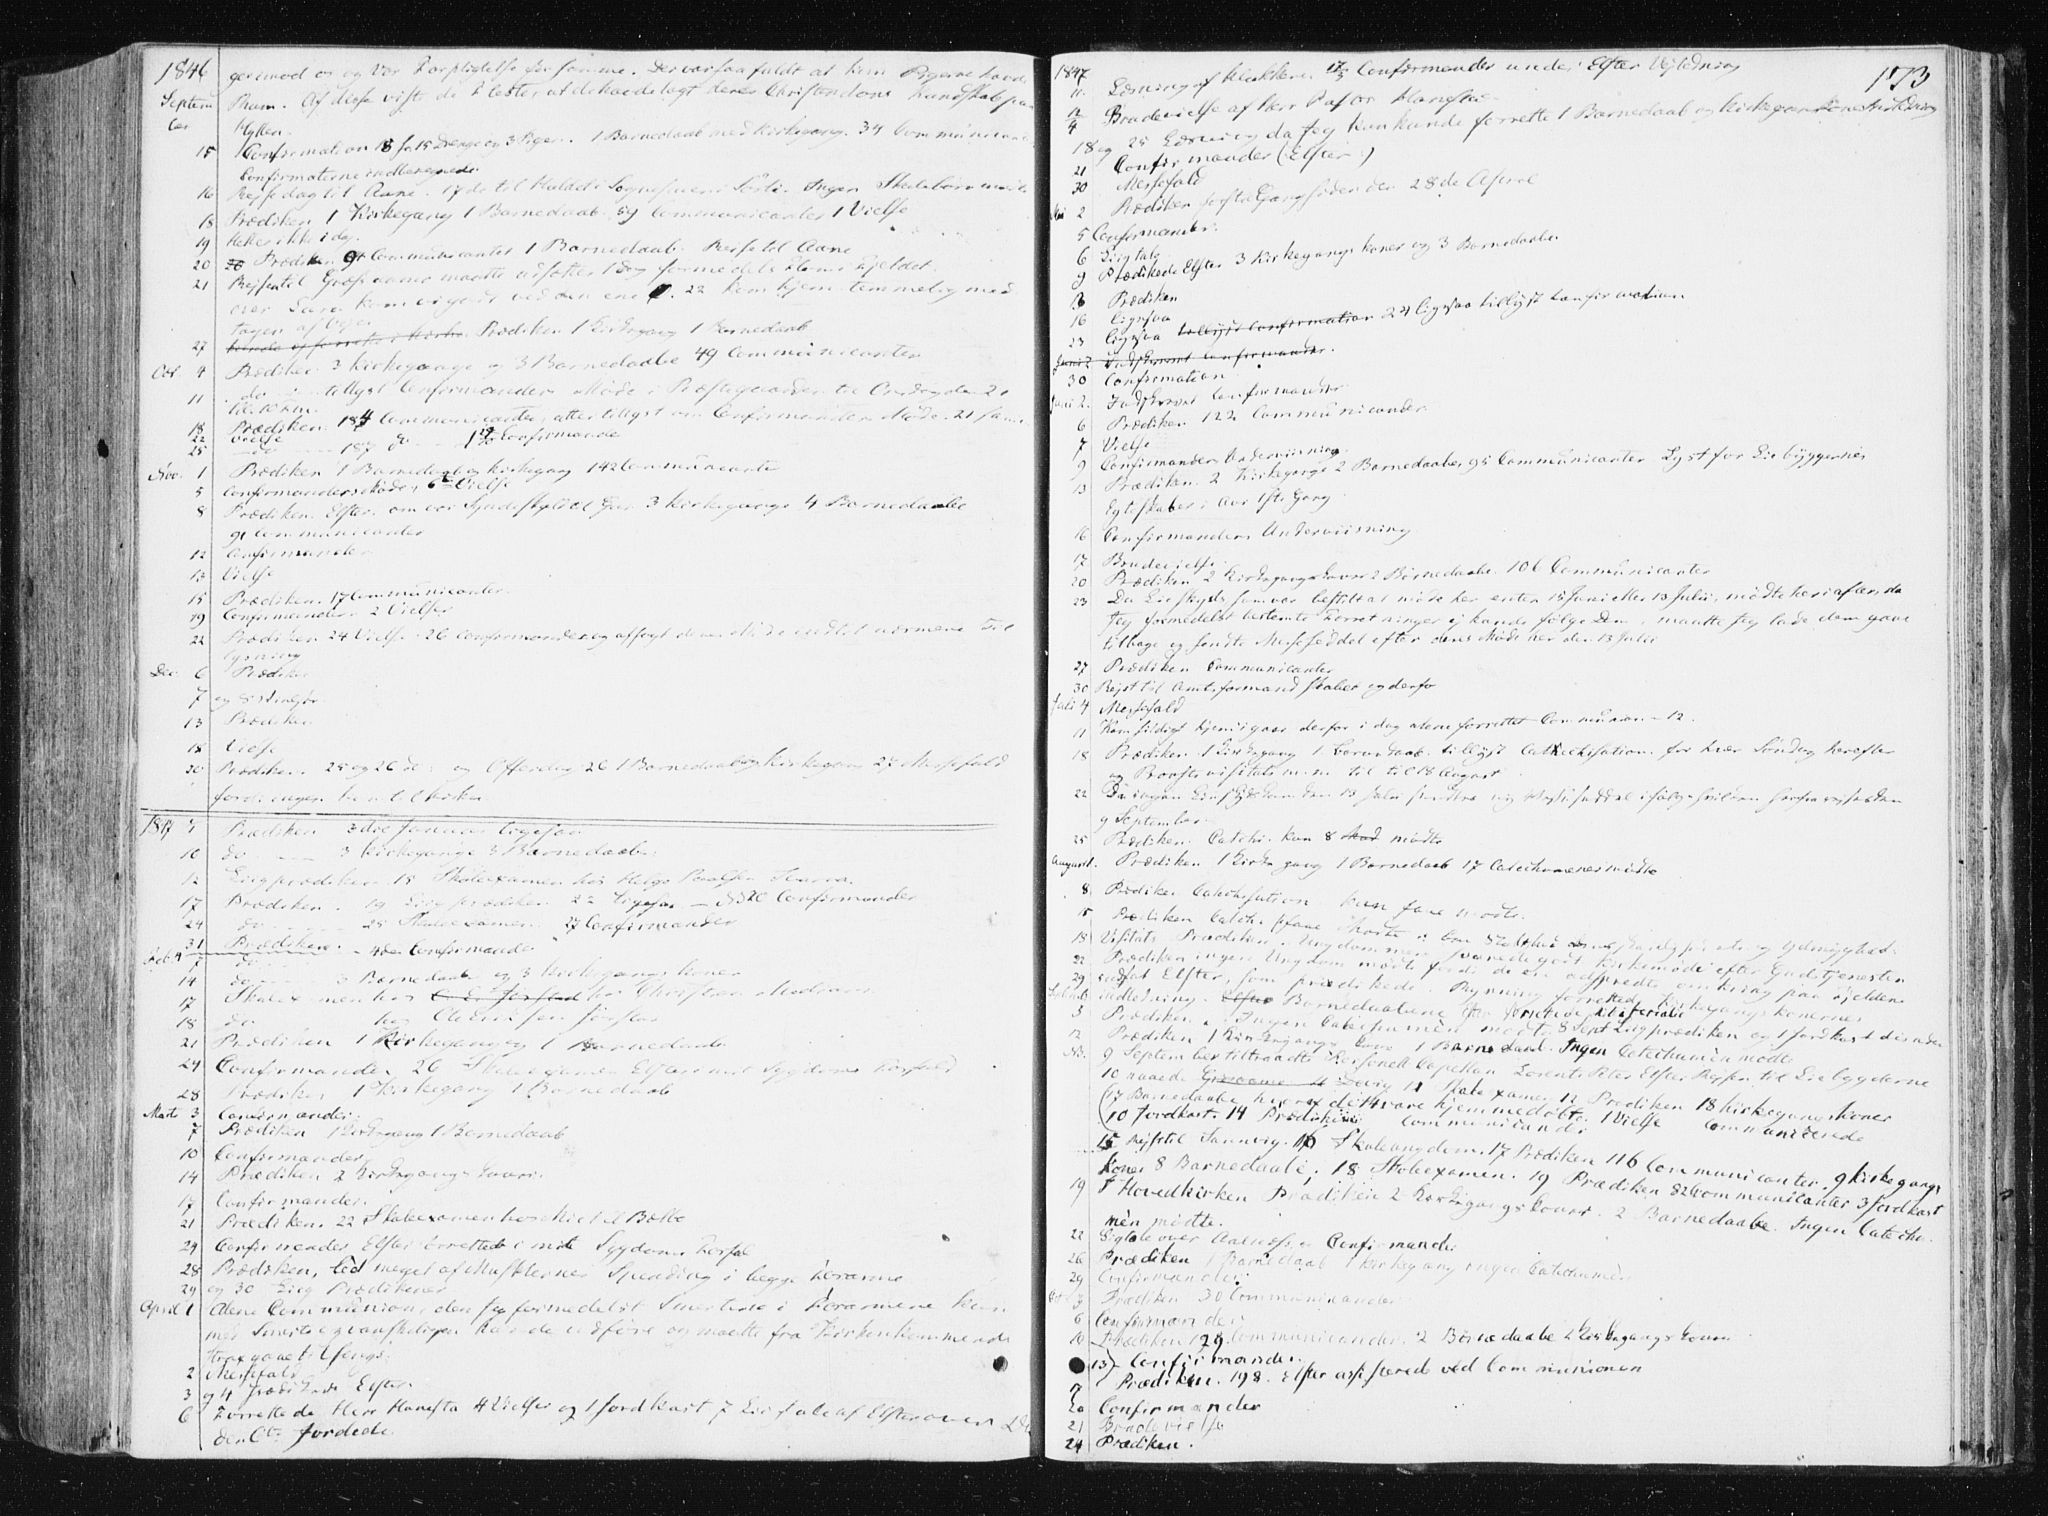 SAT, Ministerialprotokoller, klokkerbøker og fødselsregistre - Nord-Trøndelag, 749/L0470: Ministerialbok nr. 749A04, 1834-1853, s. 173